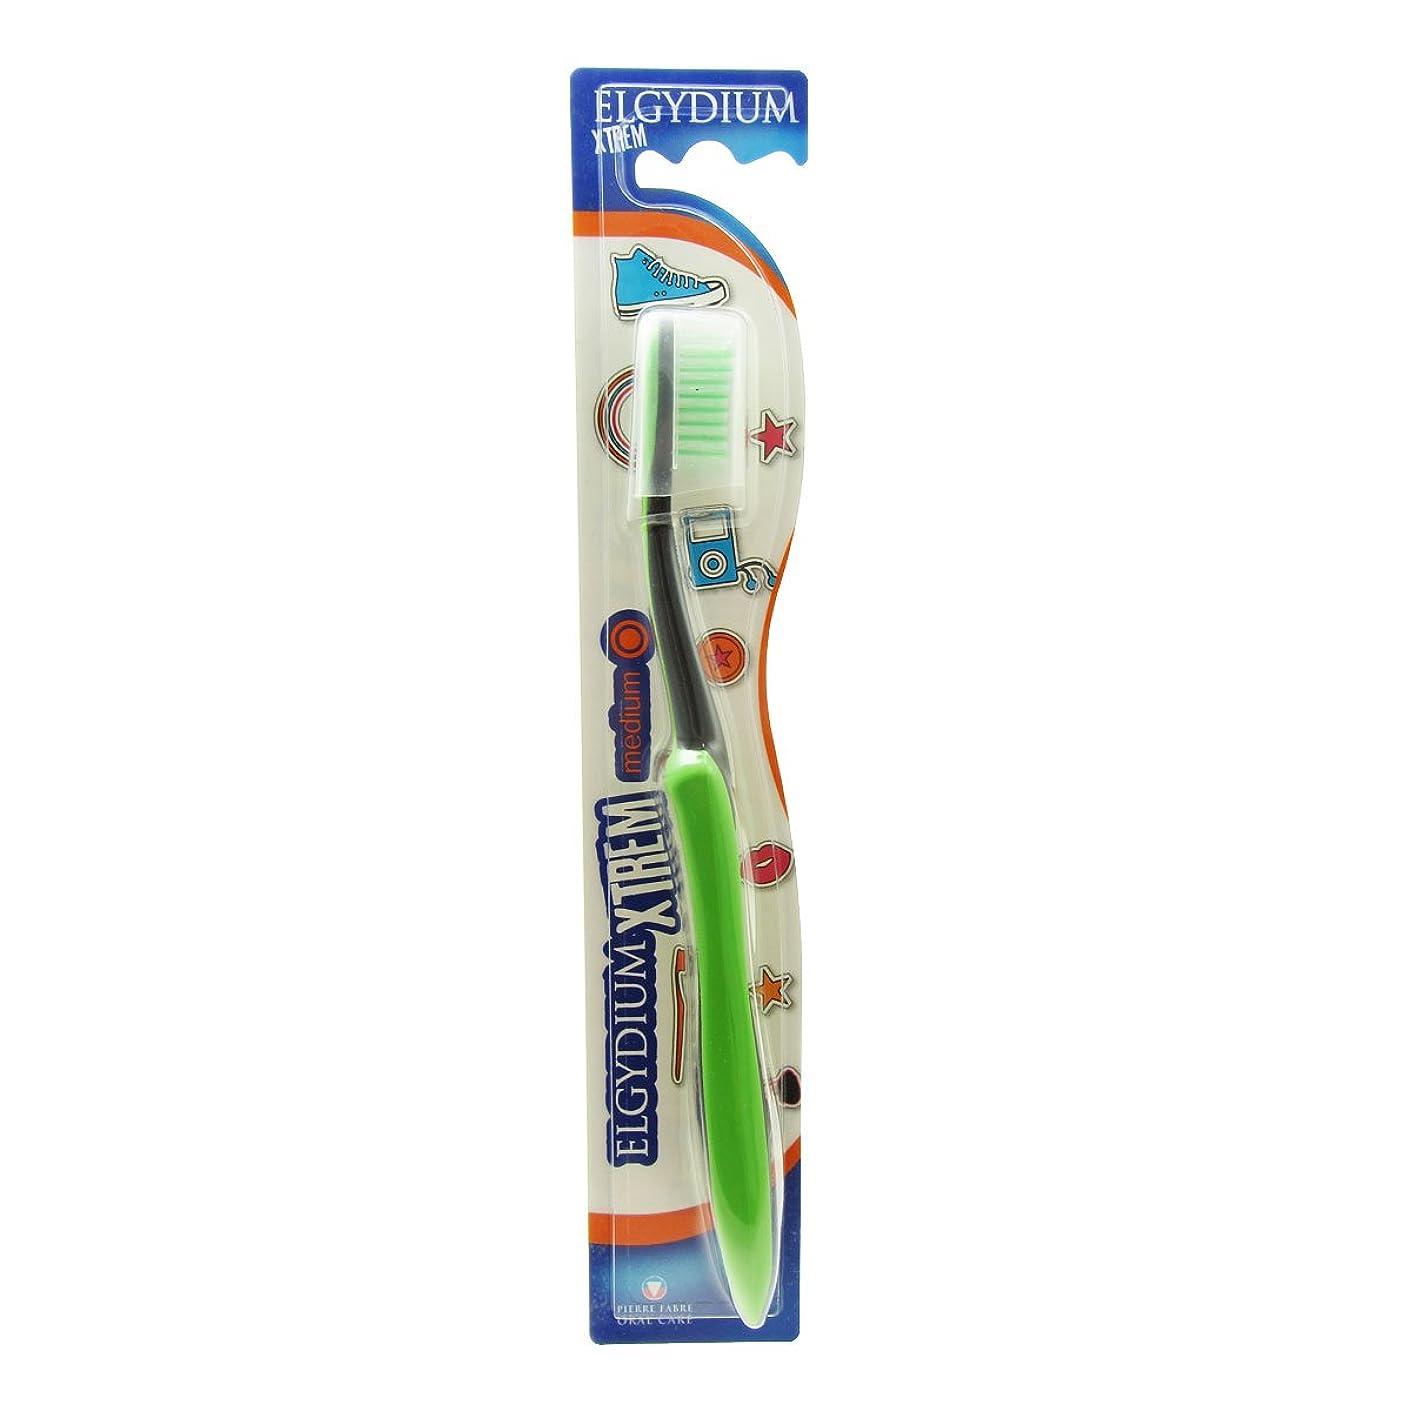 区回るみなさんElgydium Xtrem Toothbrush Medium Hardness [並行輸入品]